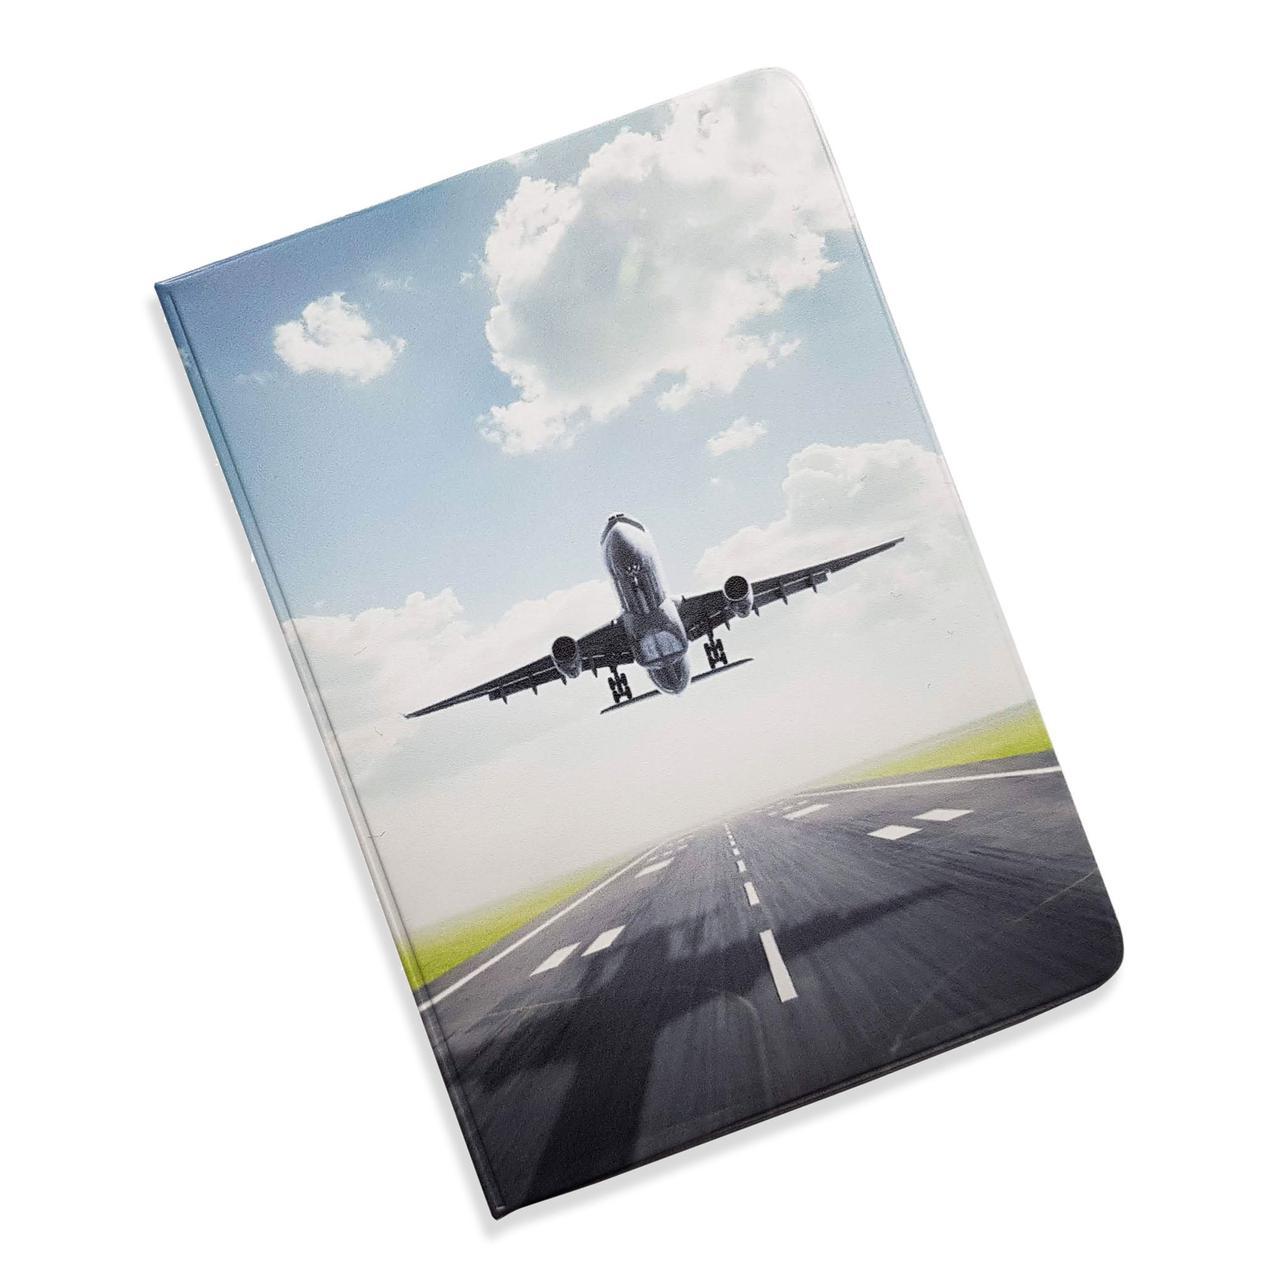 Обложка для документов 5 в 1 Самолет ZIZ